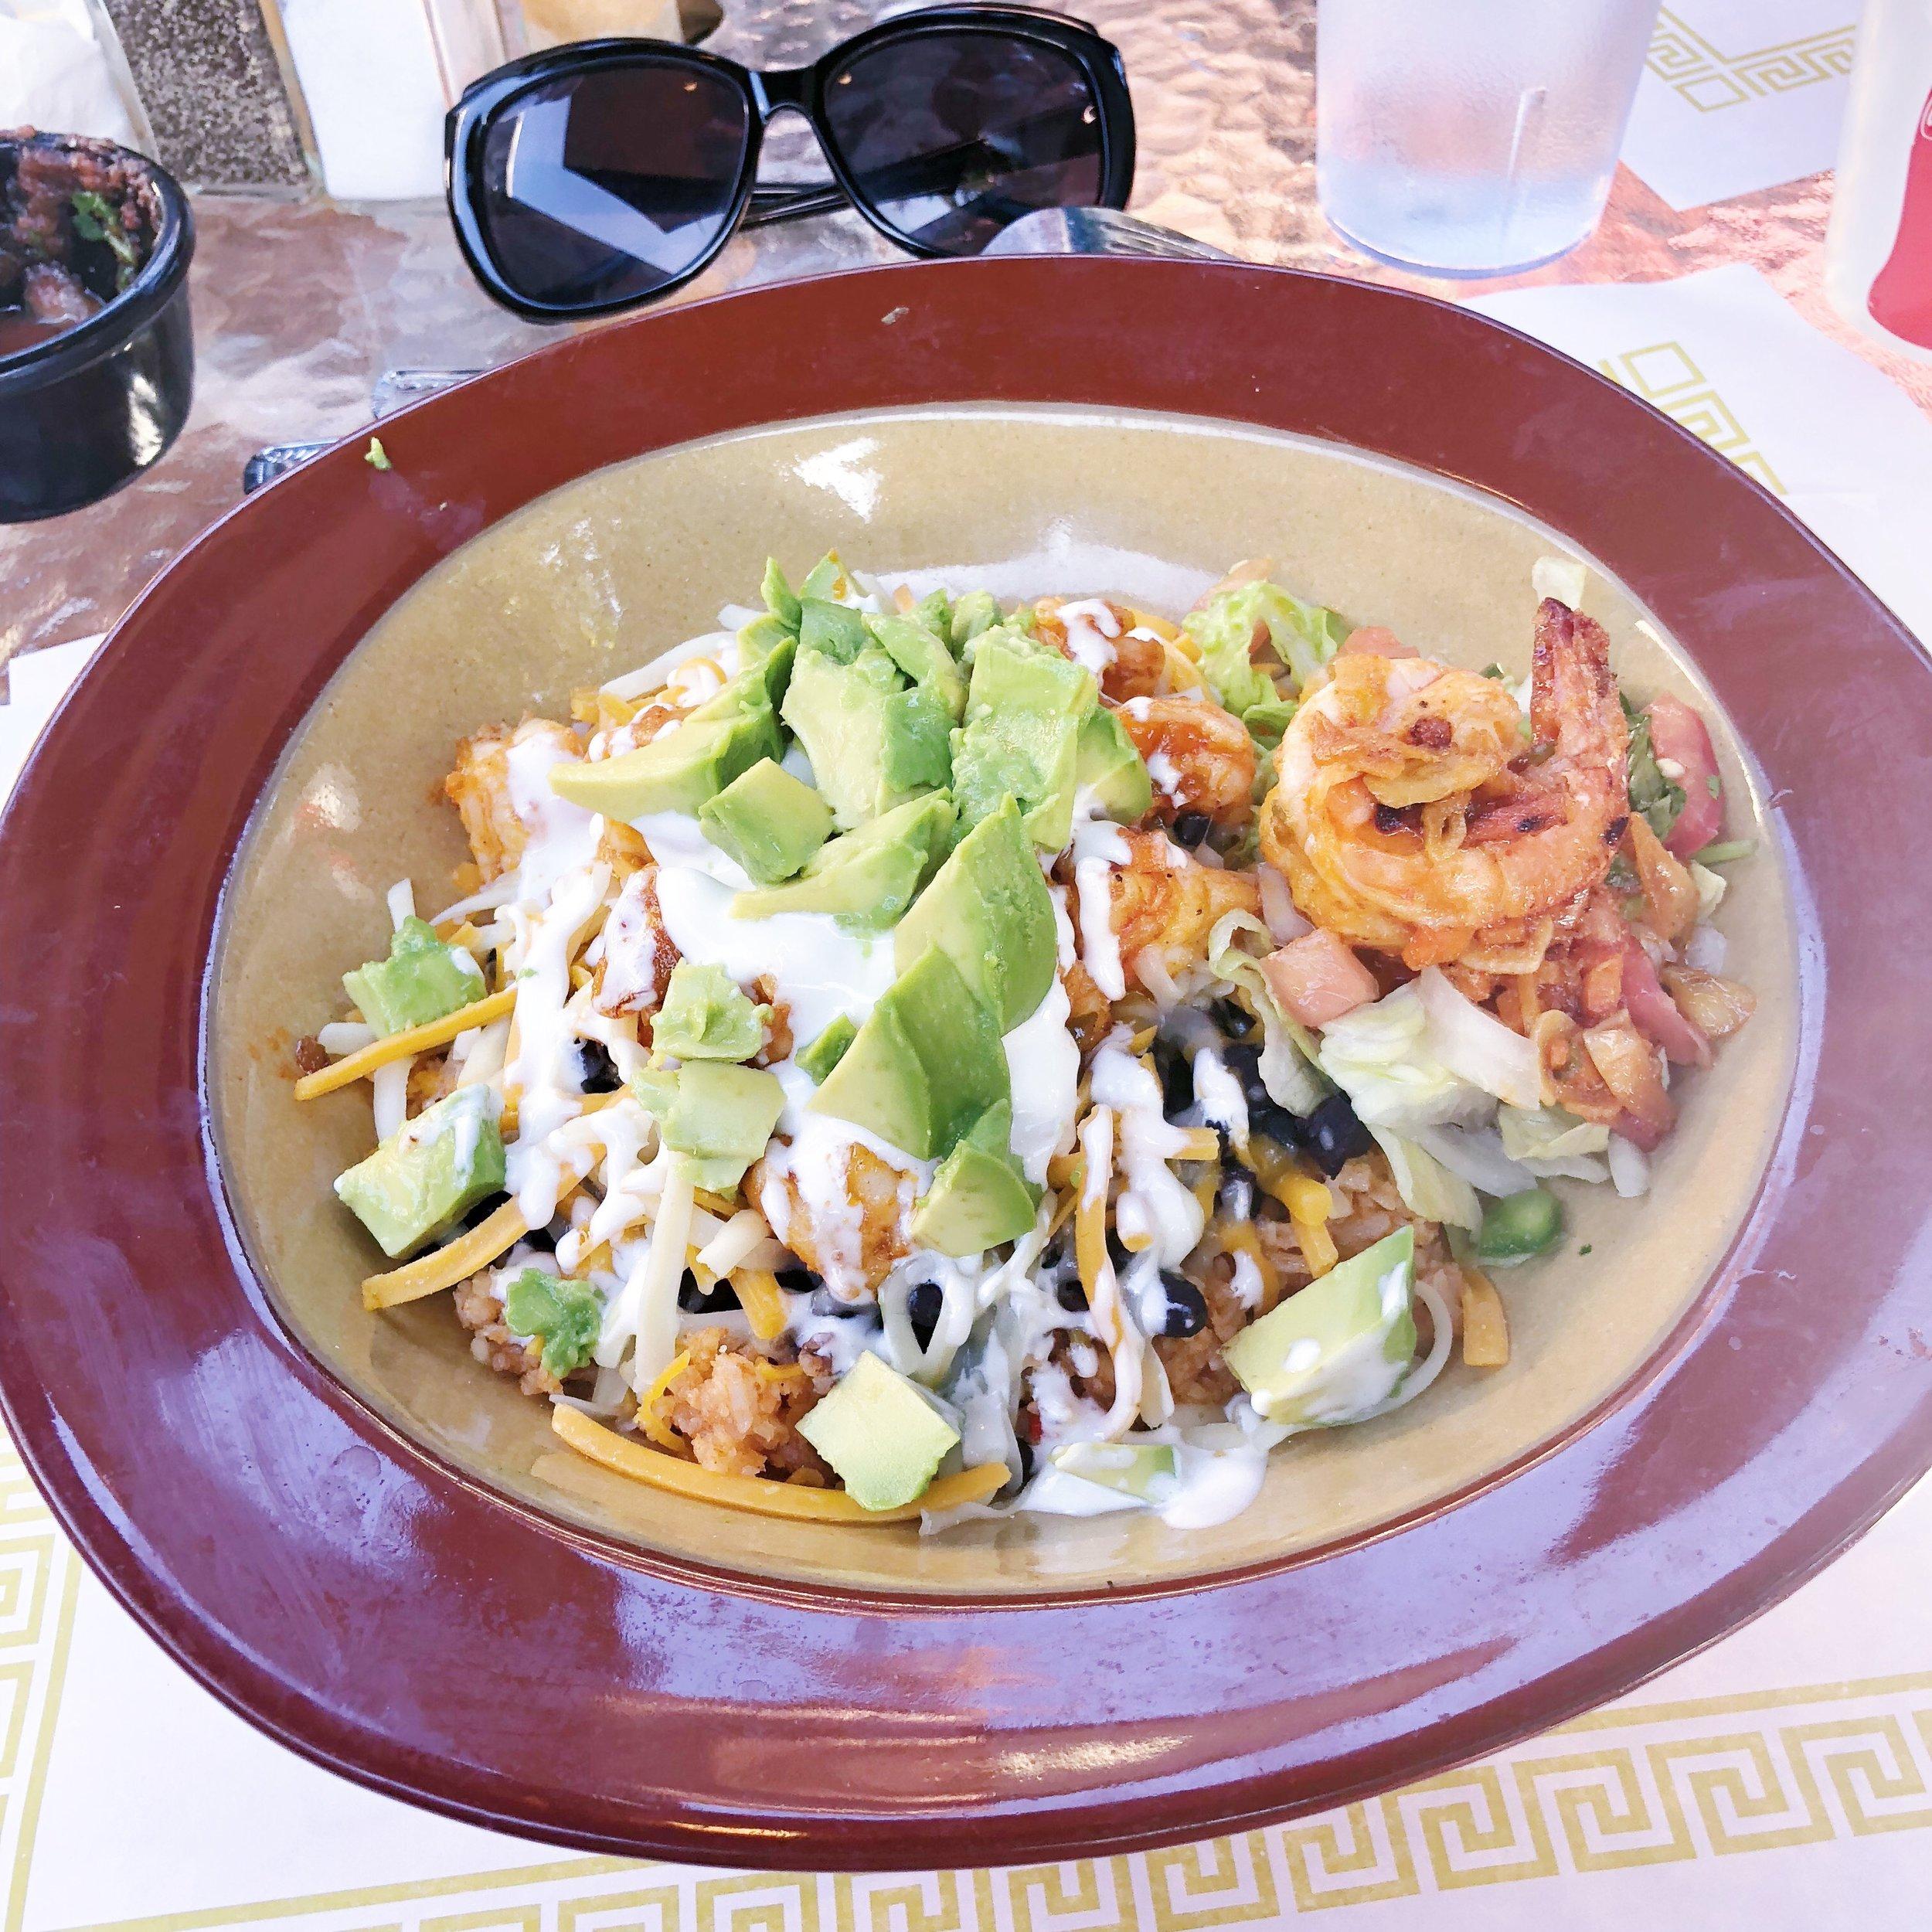 Fiesta Vallarta Burrito bowl los altos